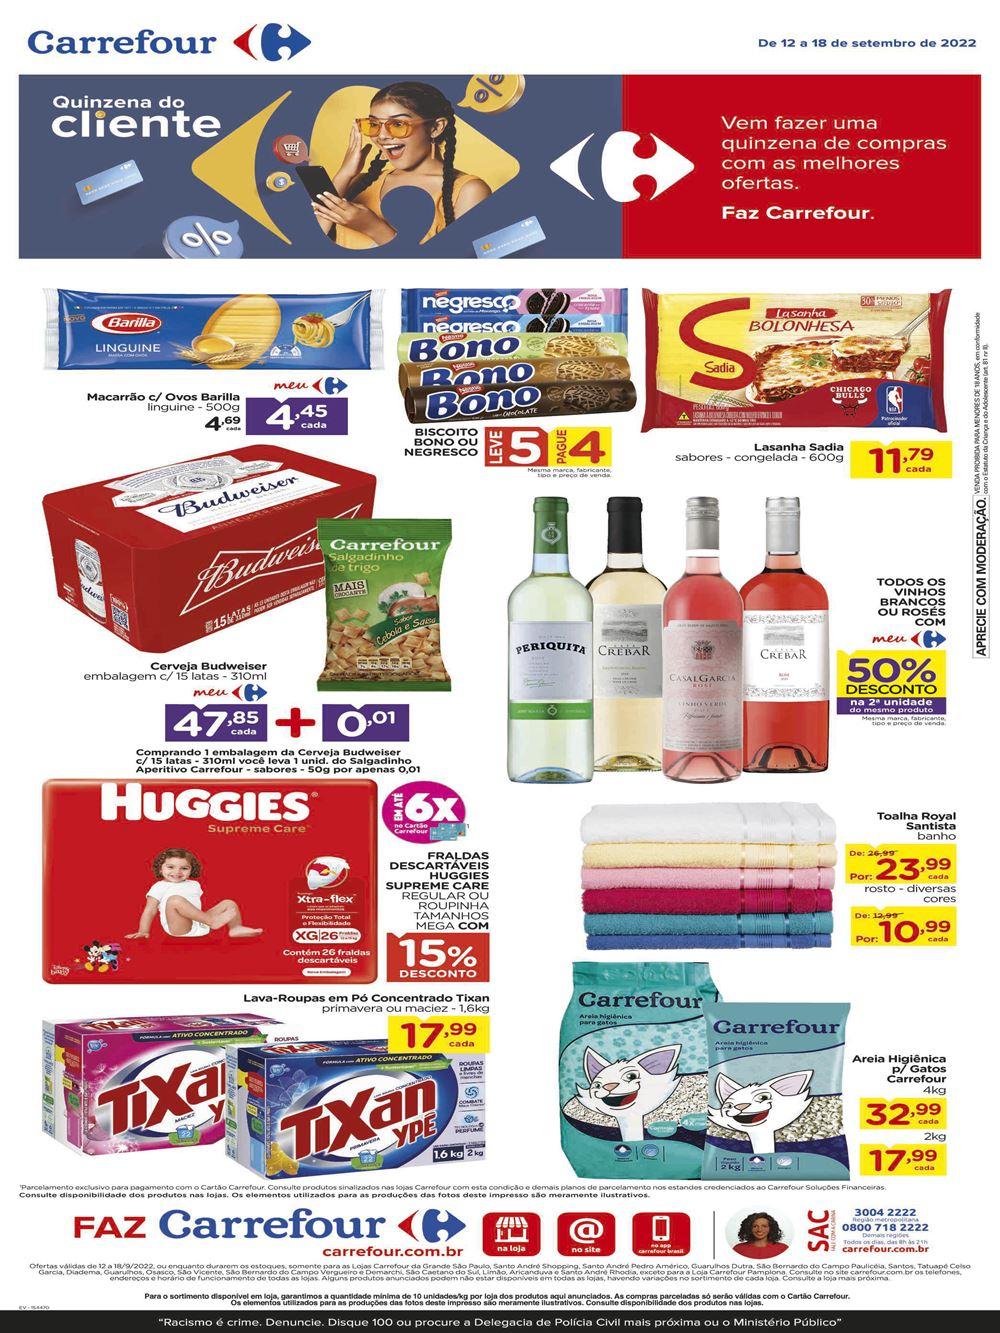 carrefour-ofertas-descontos-hoje1-9 Black Friday Ofertas do Carrefour